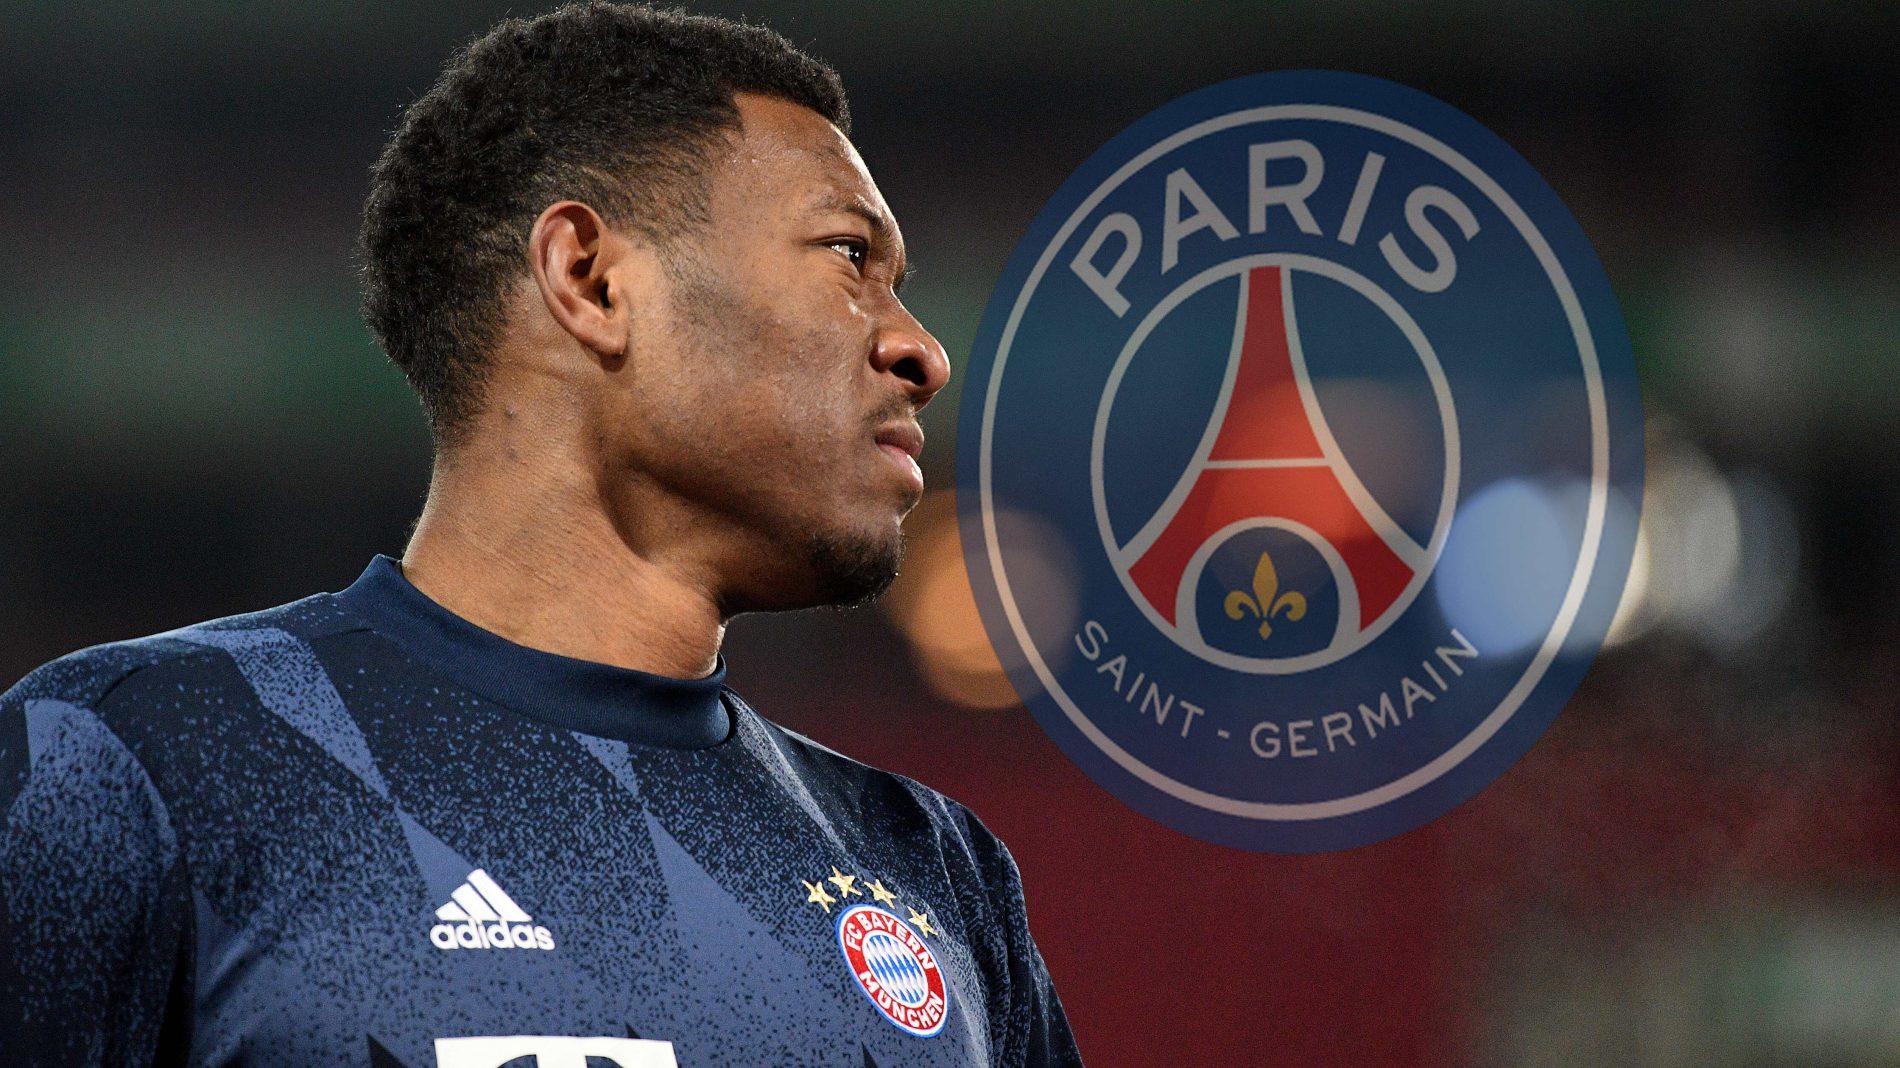 德国天空体育:巴黎在争取阿拉巴,愿意让他踢后腰